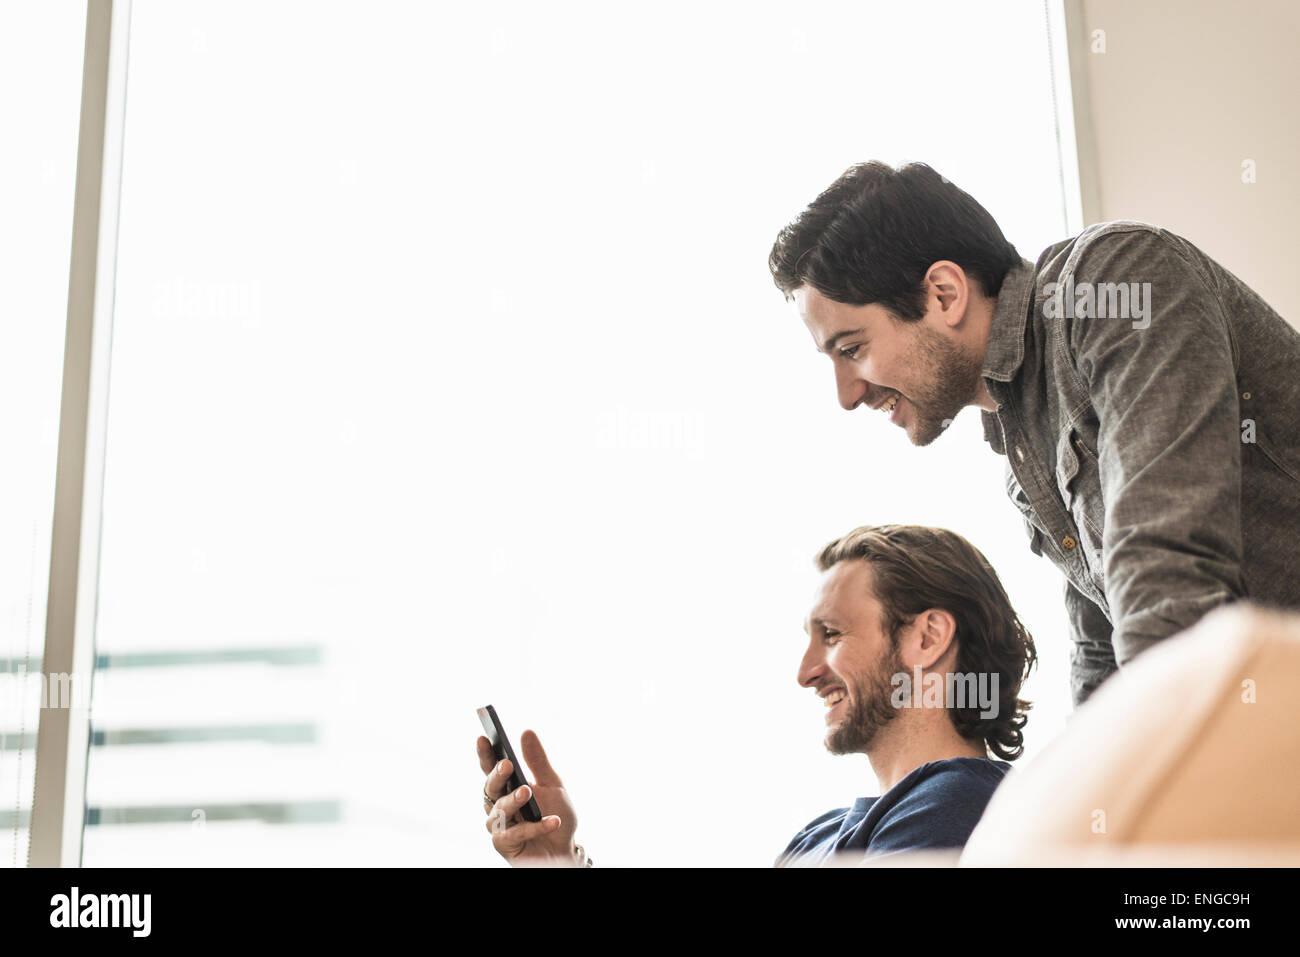 Zwei Geschäftsleute mit Blick auf ein Smartphone und lächelnd. Stockbild